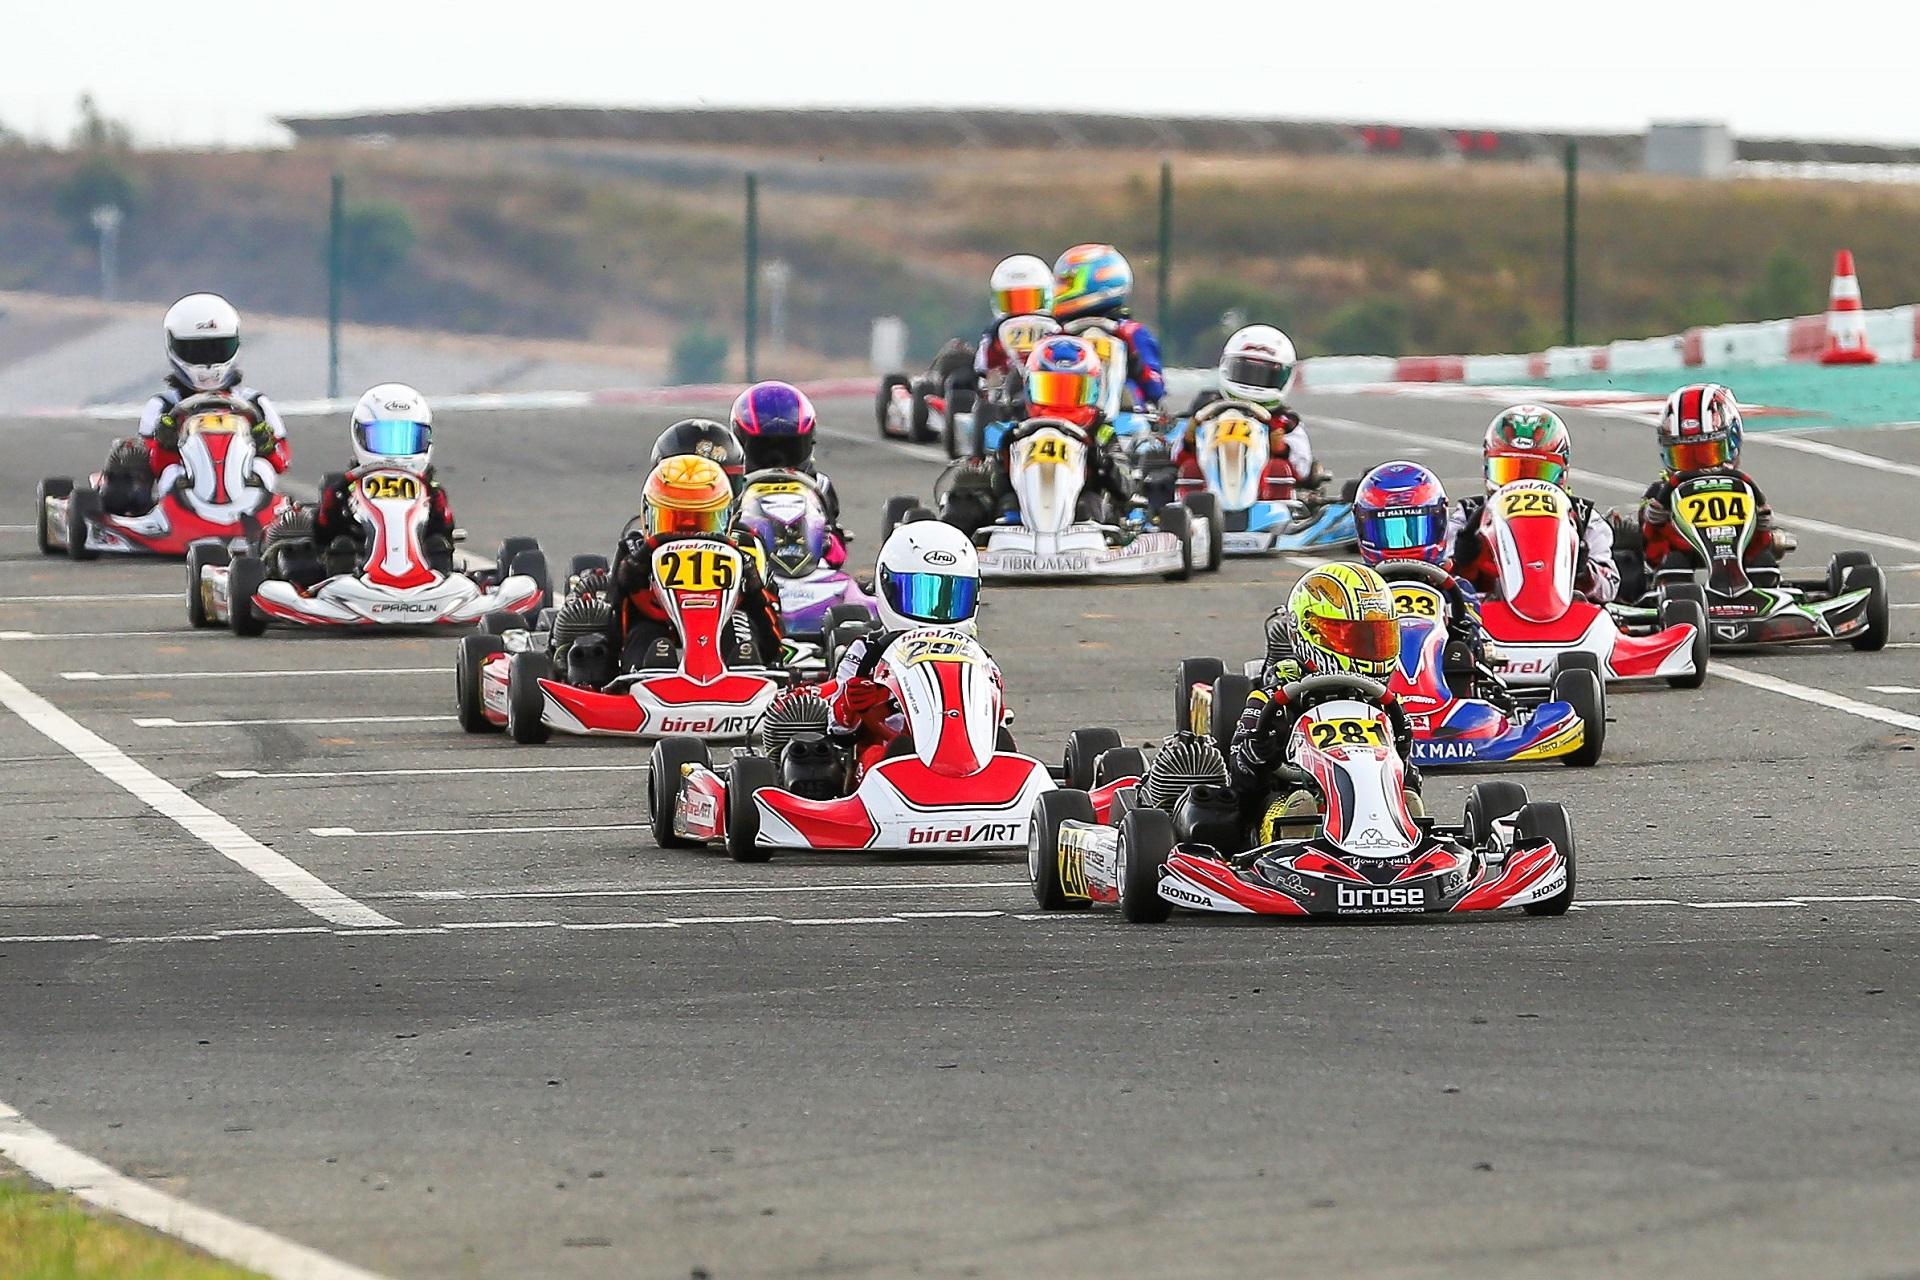 Campeonato de Portugal de Karting KIA prossegue em Braga com 72 inscritos